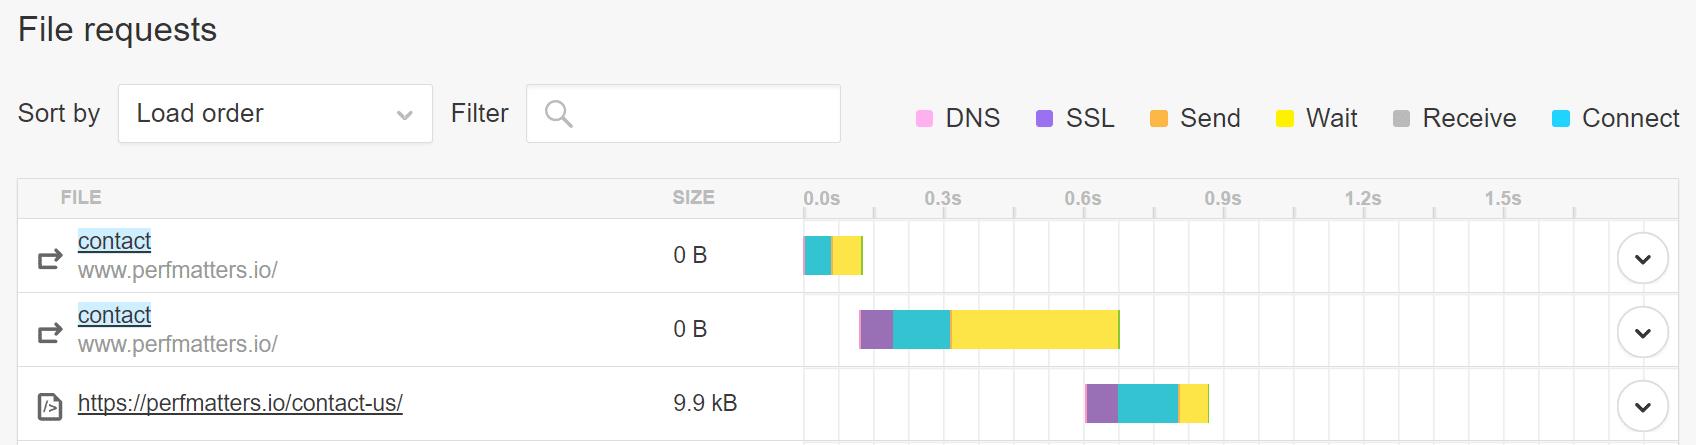 Solicitação de arquivos com URL incorreta no Pingdom